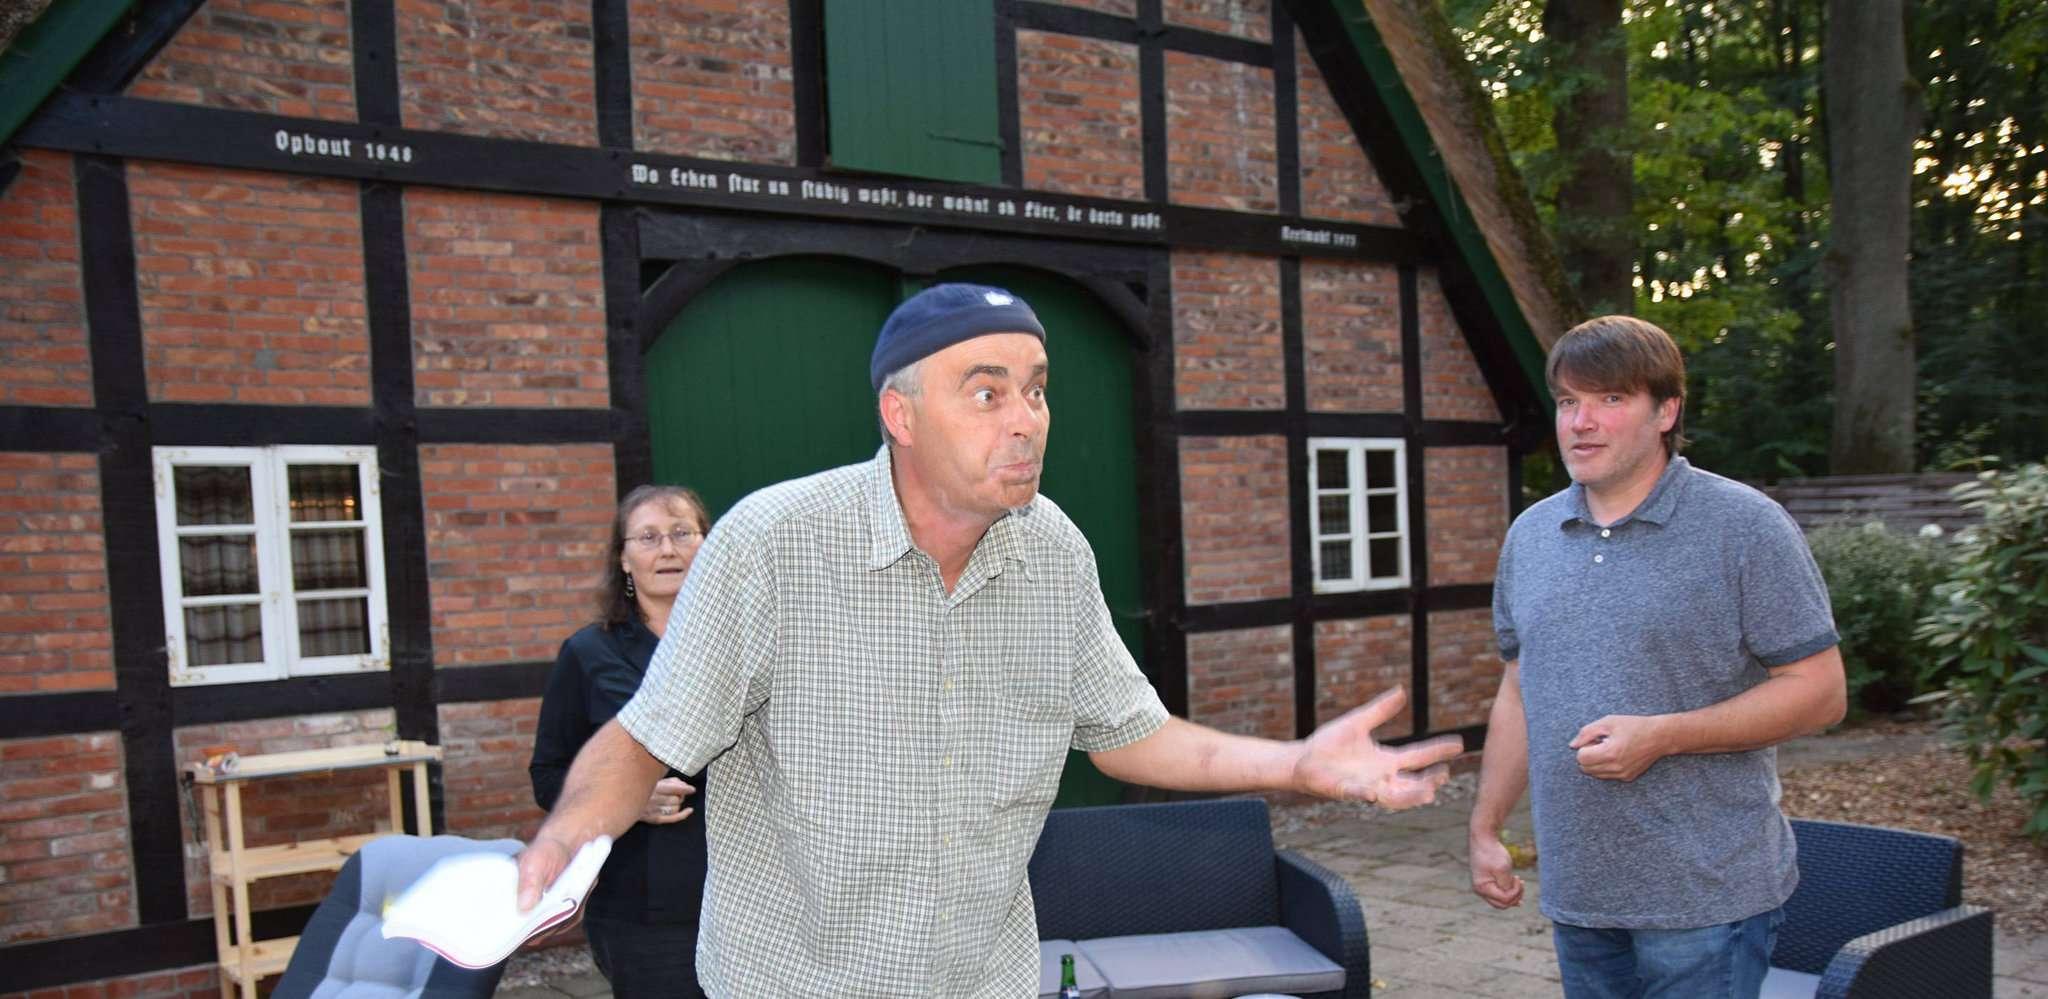 Jürgen Meyer (links) spielt den arg geplagten Regisseur und Carsten Köhn einen Schauspieler, der in die Rolle eines Inspektors schlüpfen soll. Fotos: Heidrun Meyer